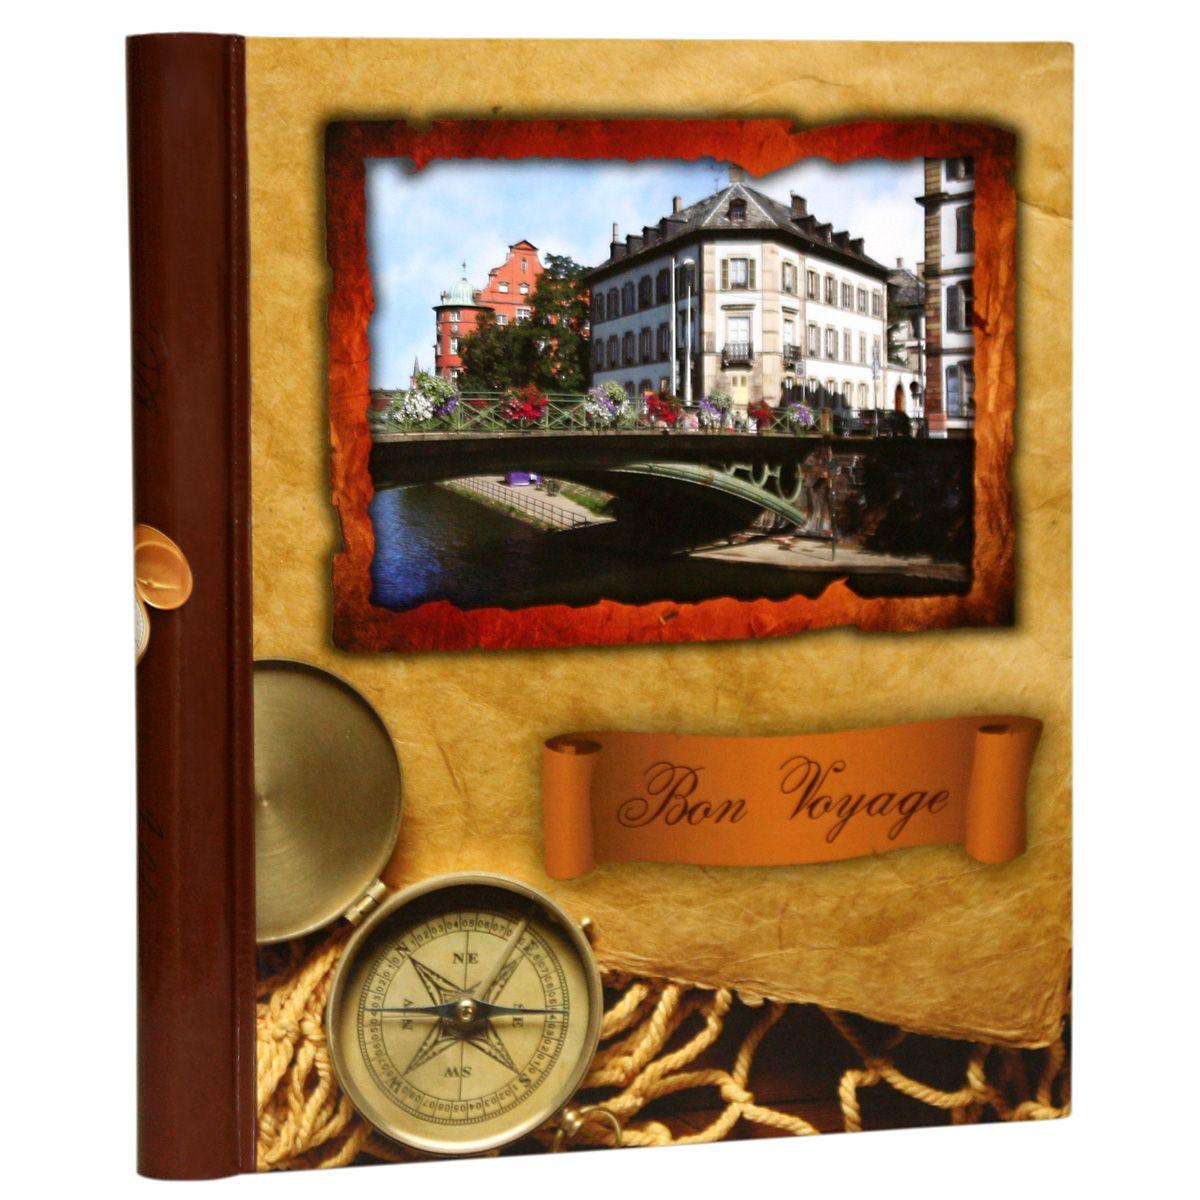 Фотоальбом Pioneer Bon Voyage, 10 магнитных листов, цвет: коричневый, 23 х 28 см фотоальбом pioneer disney valentine 20 магнитных листов 29 х 32 см lm sa20bb c